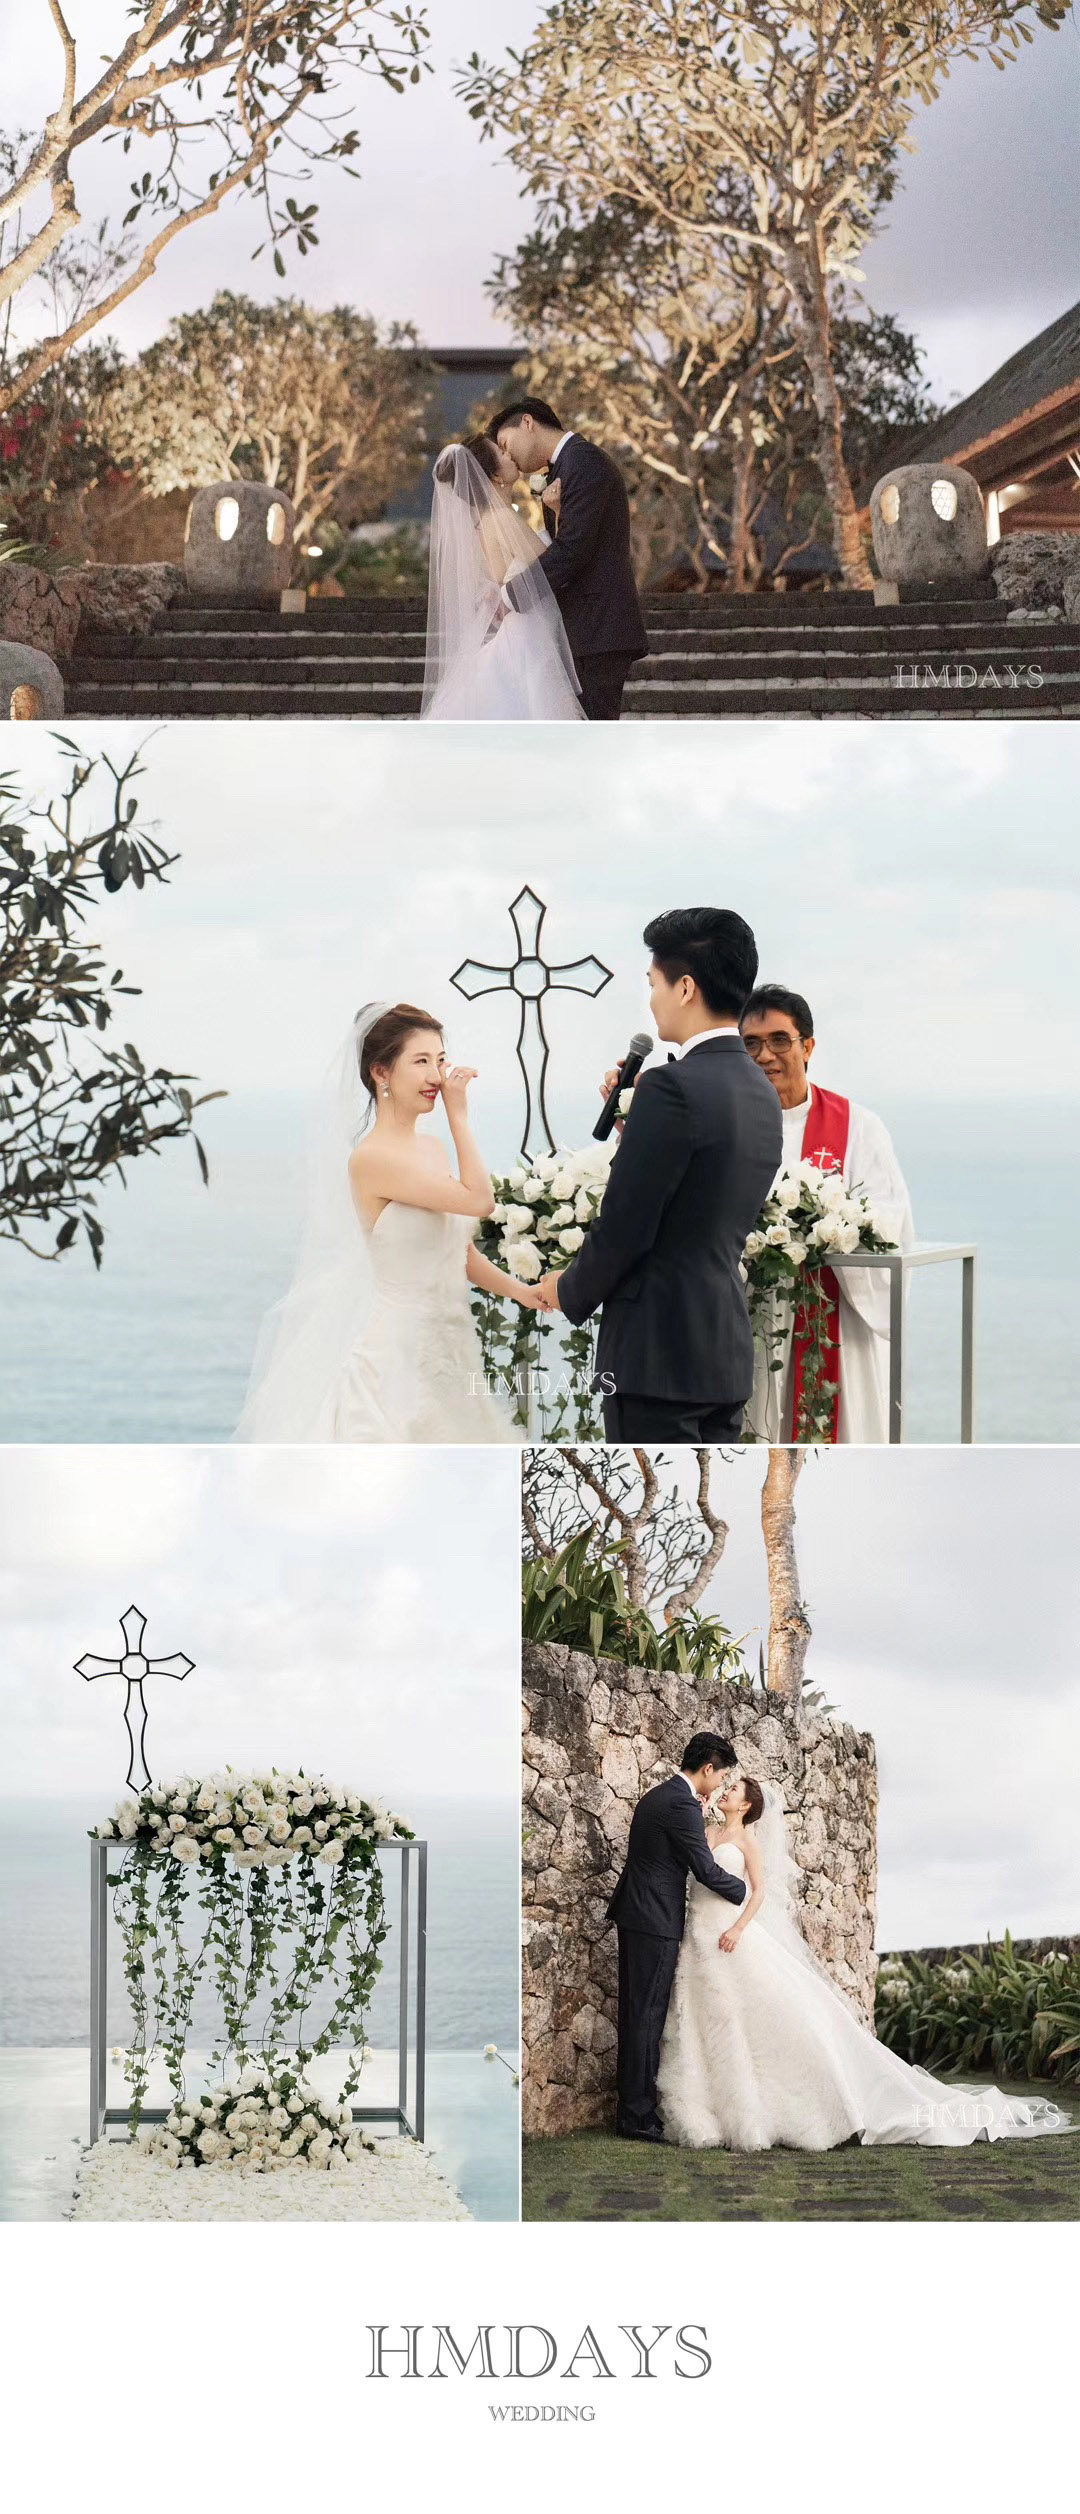 巴厘岛宝格丽婚礼 海外婚礼 海外婚纱摄影 照片